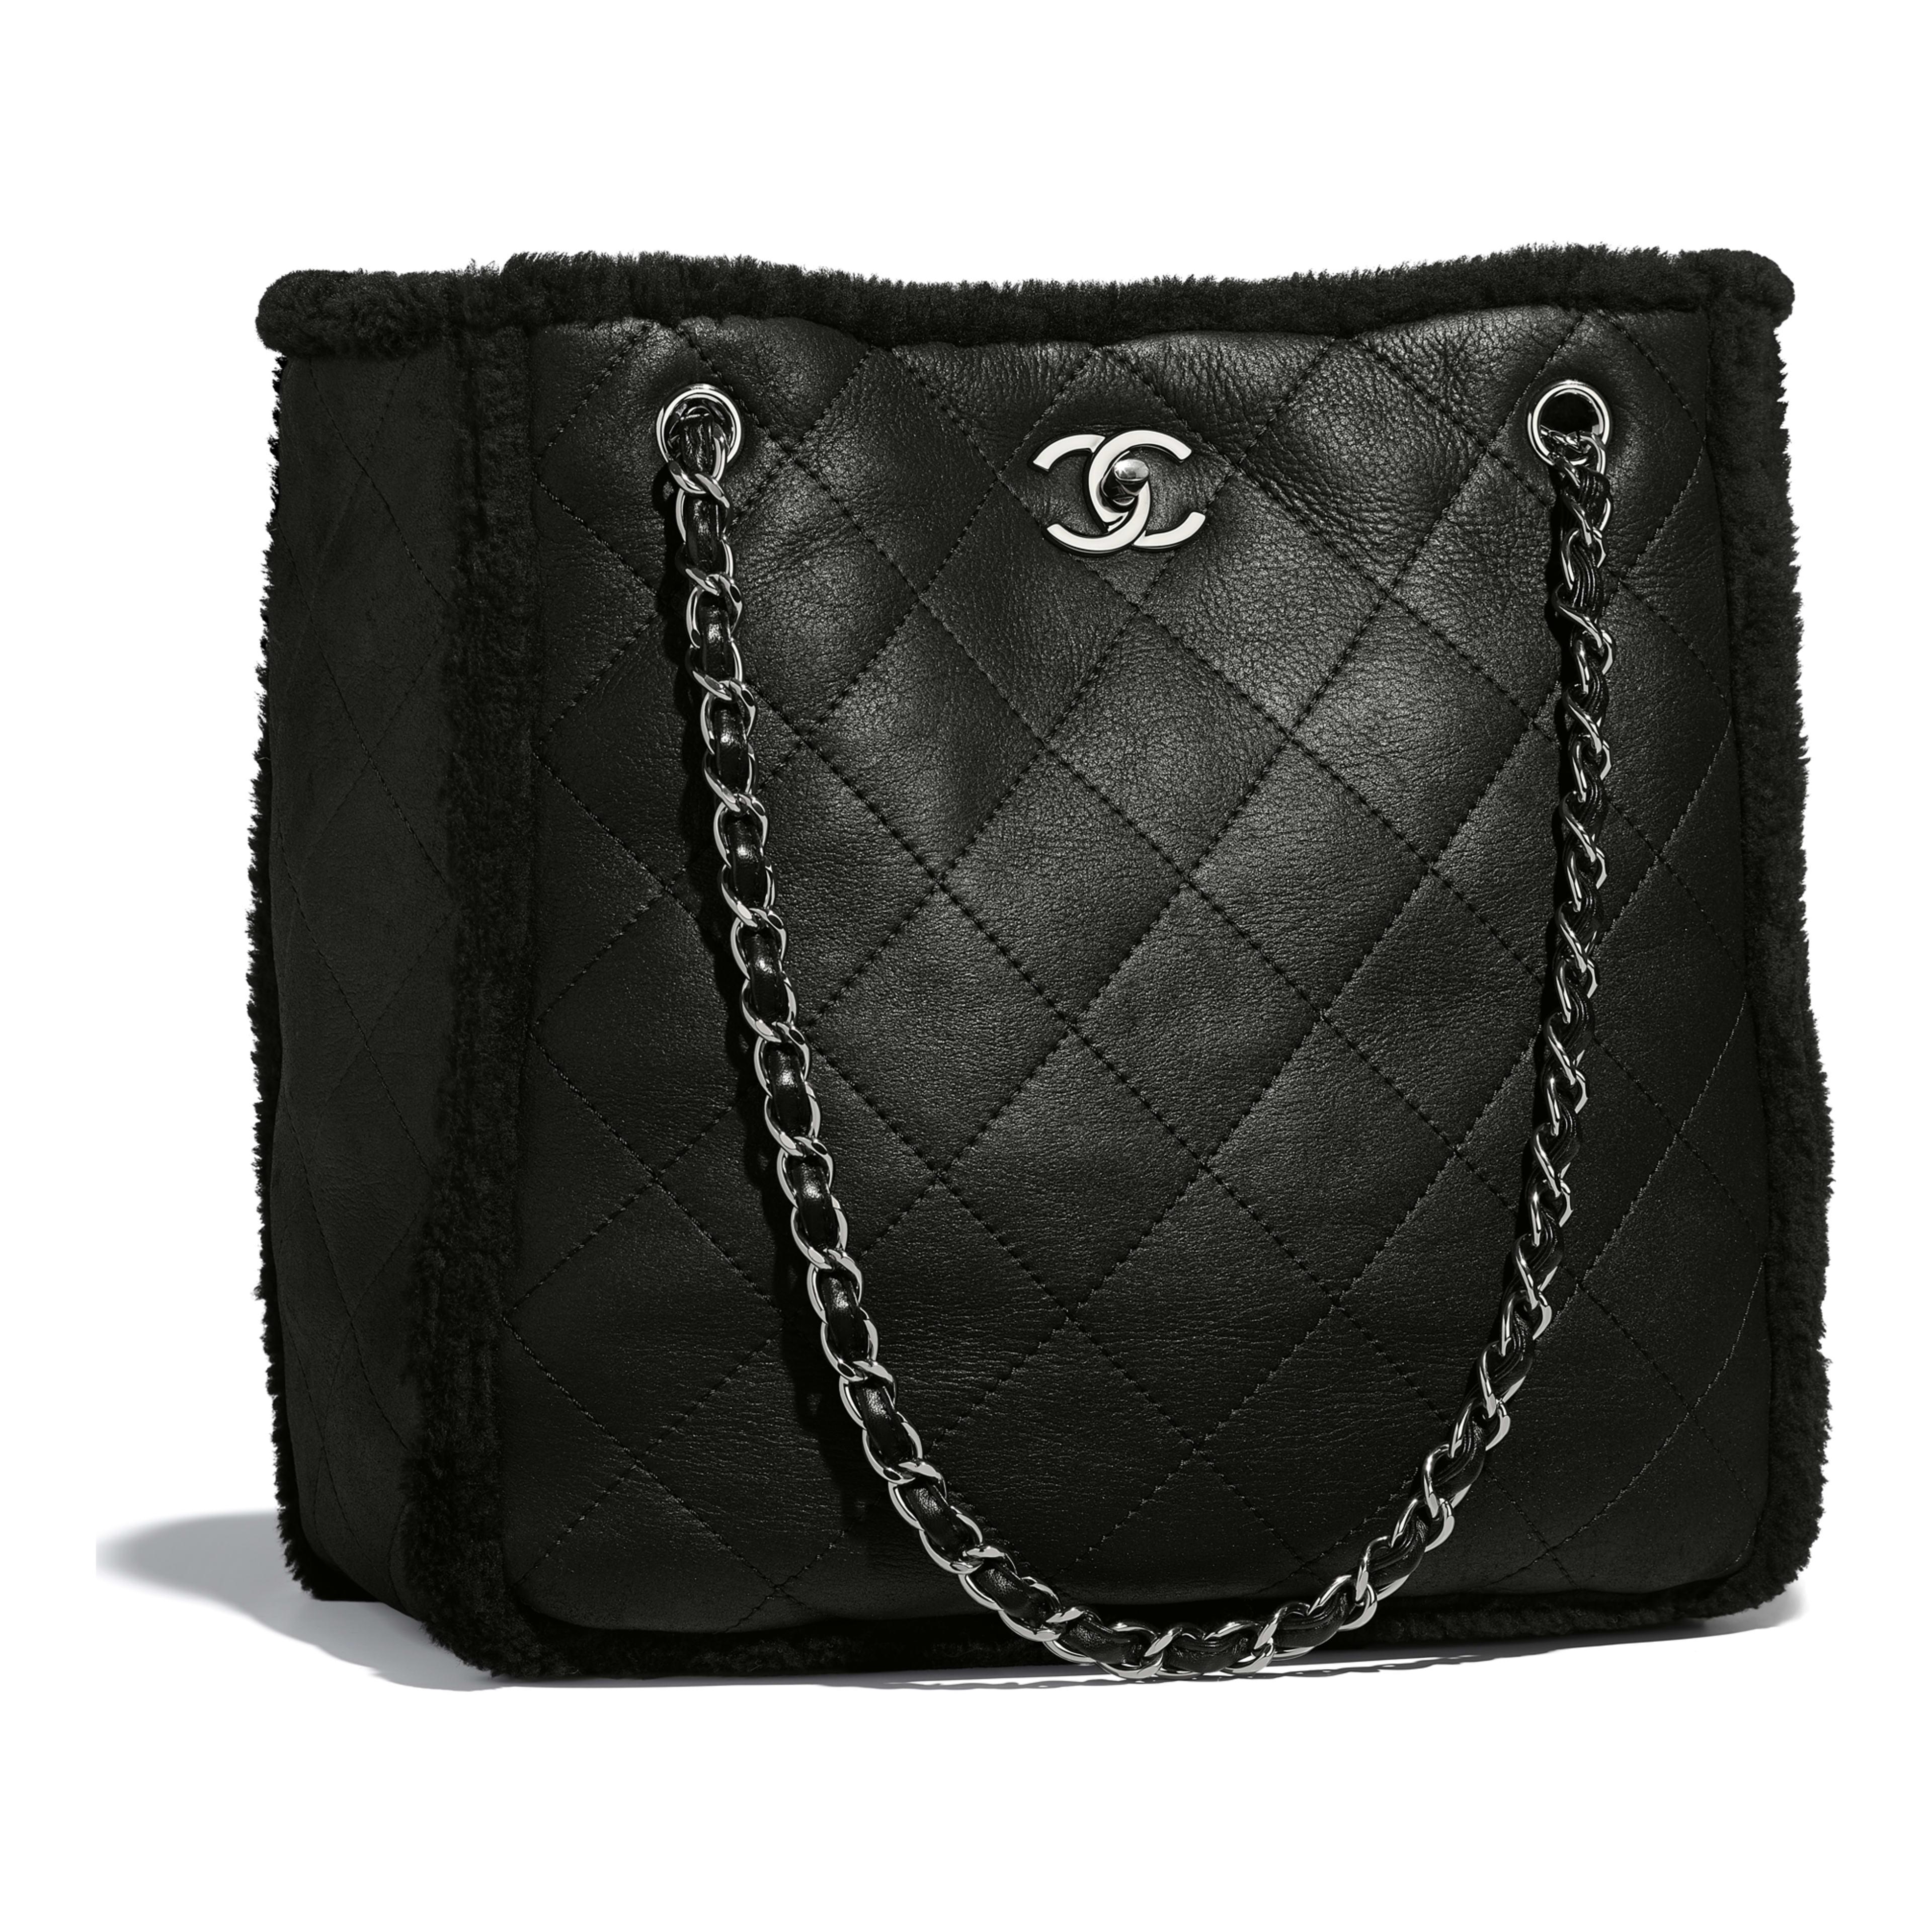 19ccbb70acbe BALENCIAGA Shopping Bag North-South M Shopping bags Man f …